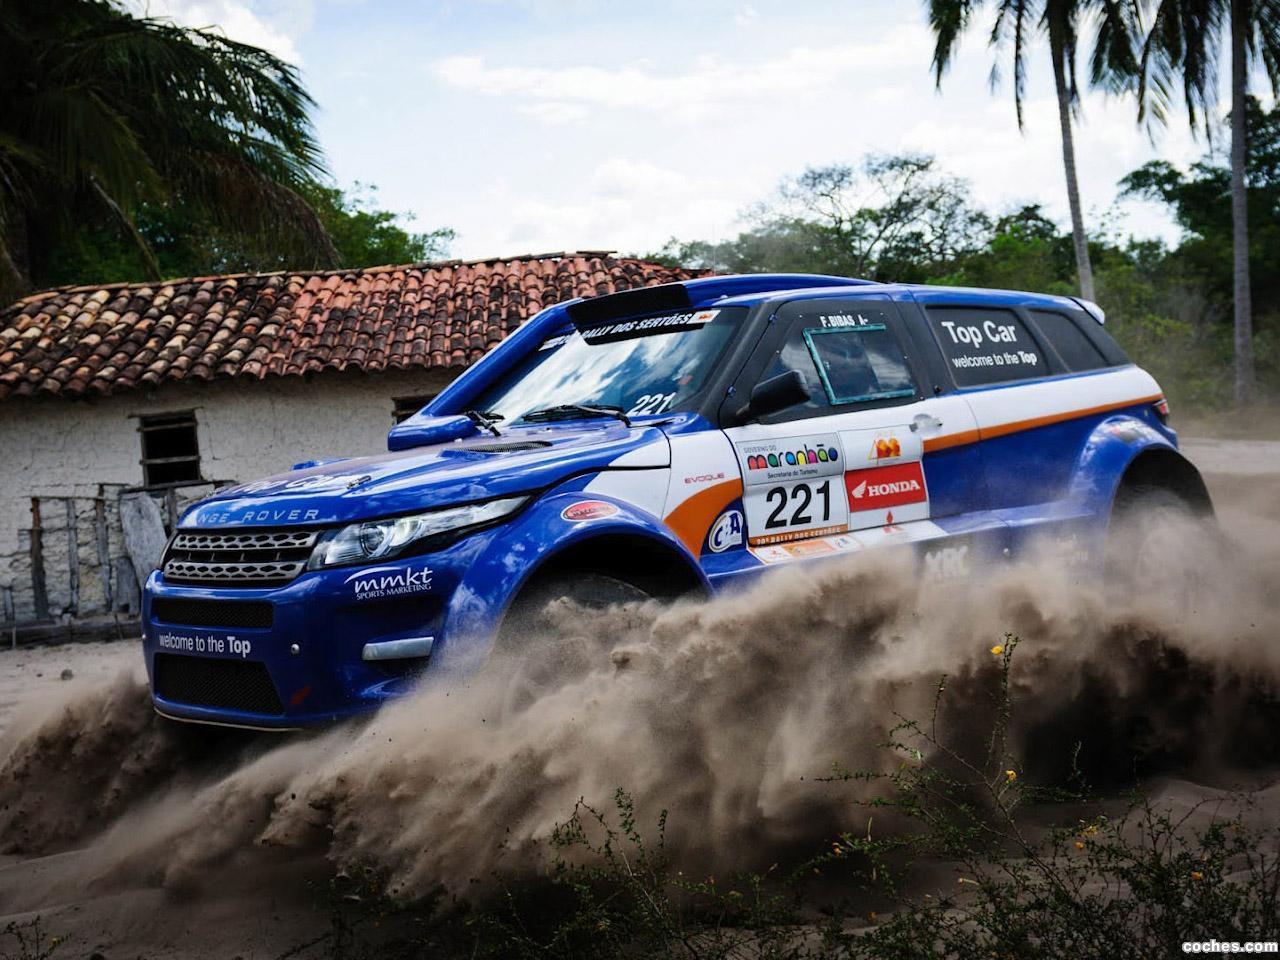 landrover_range-rover-evoque-rally-car-2012_r3